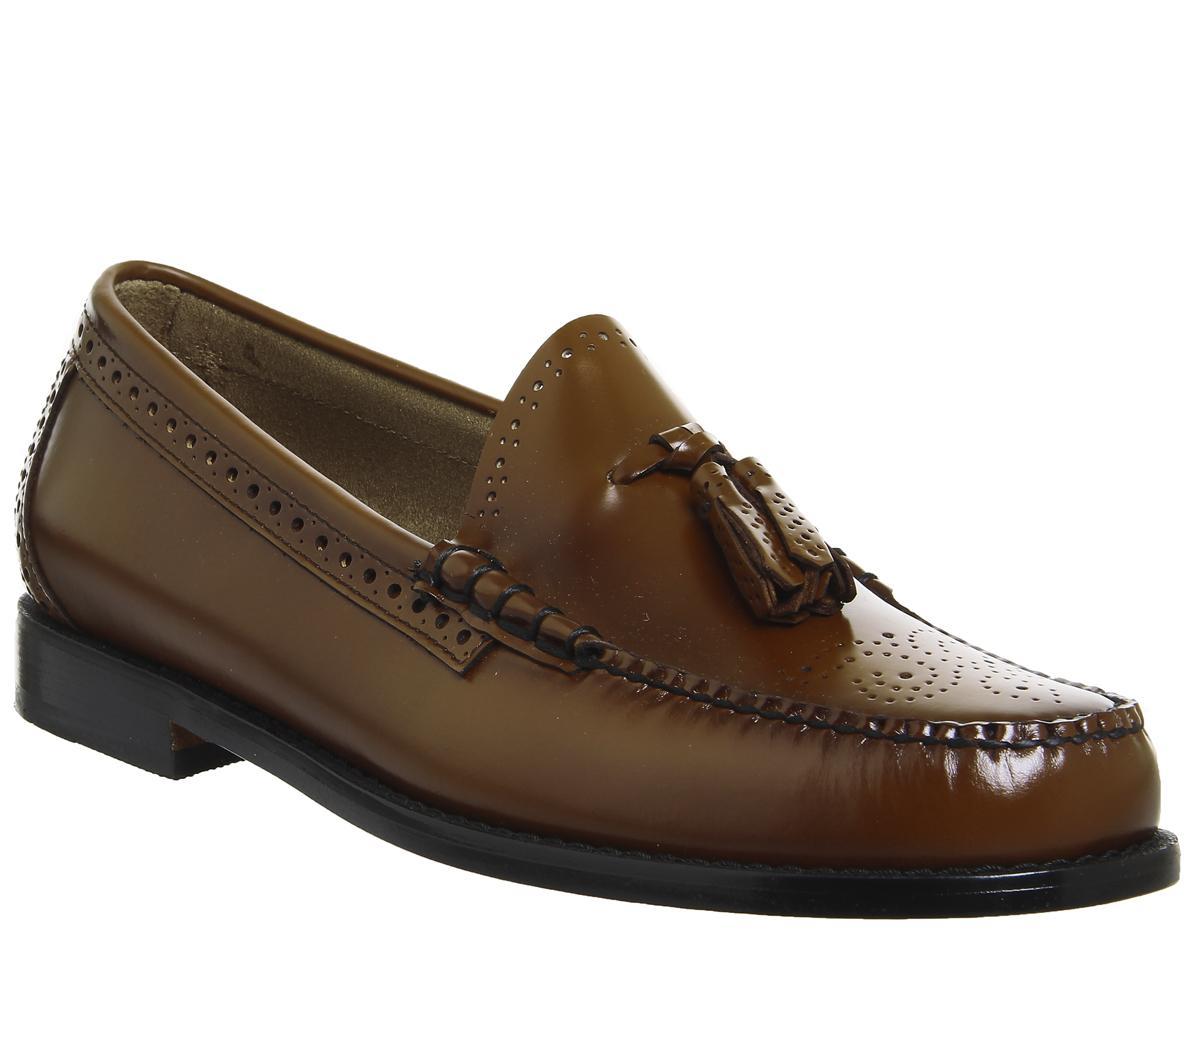 Larkin Brogue Tassel Loafers